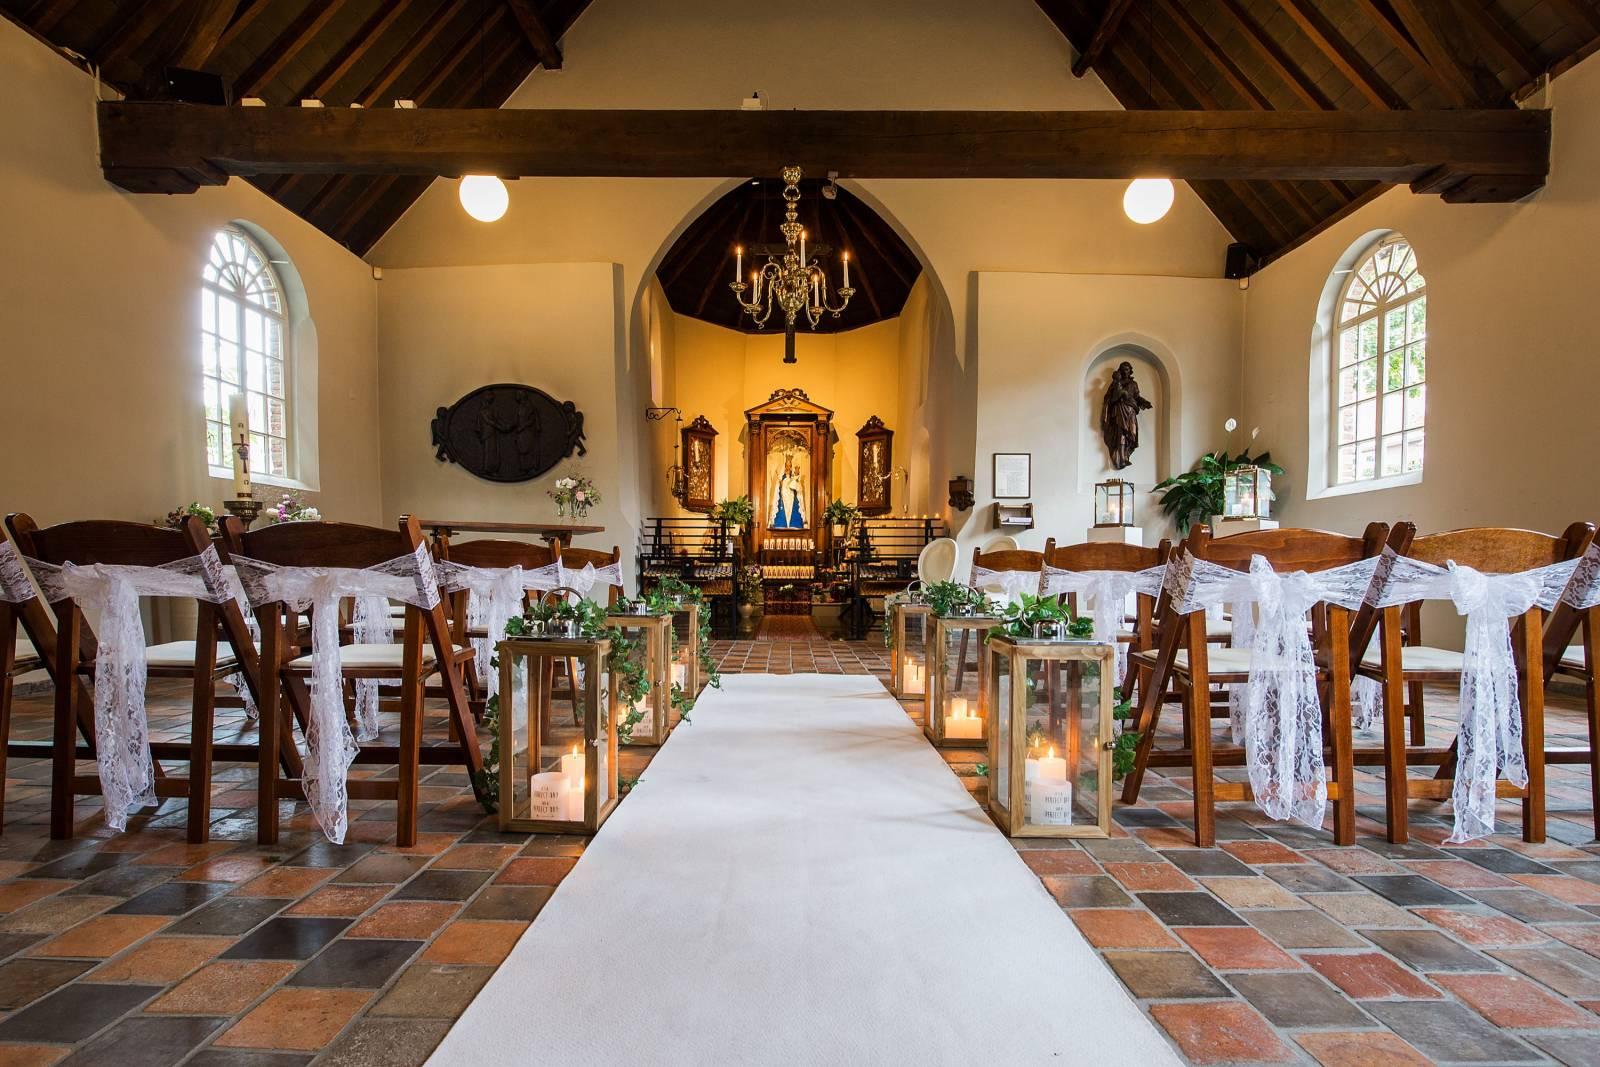 In Style Styling & Decoraties - Trouwdecoratie - Verhuurbedrijf - Wedding Design - House of Weddings - 10